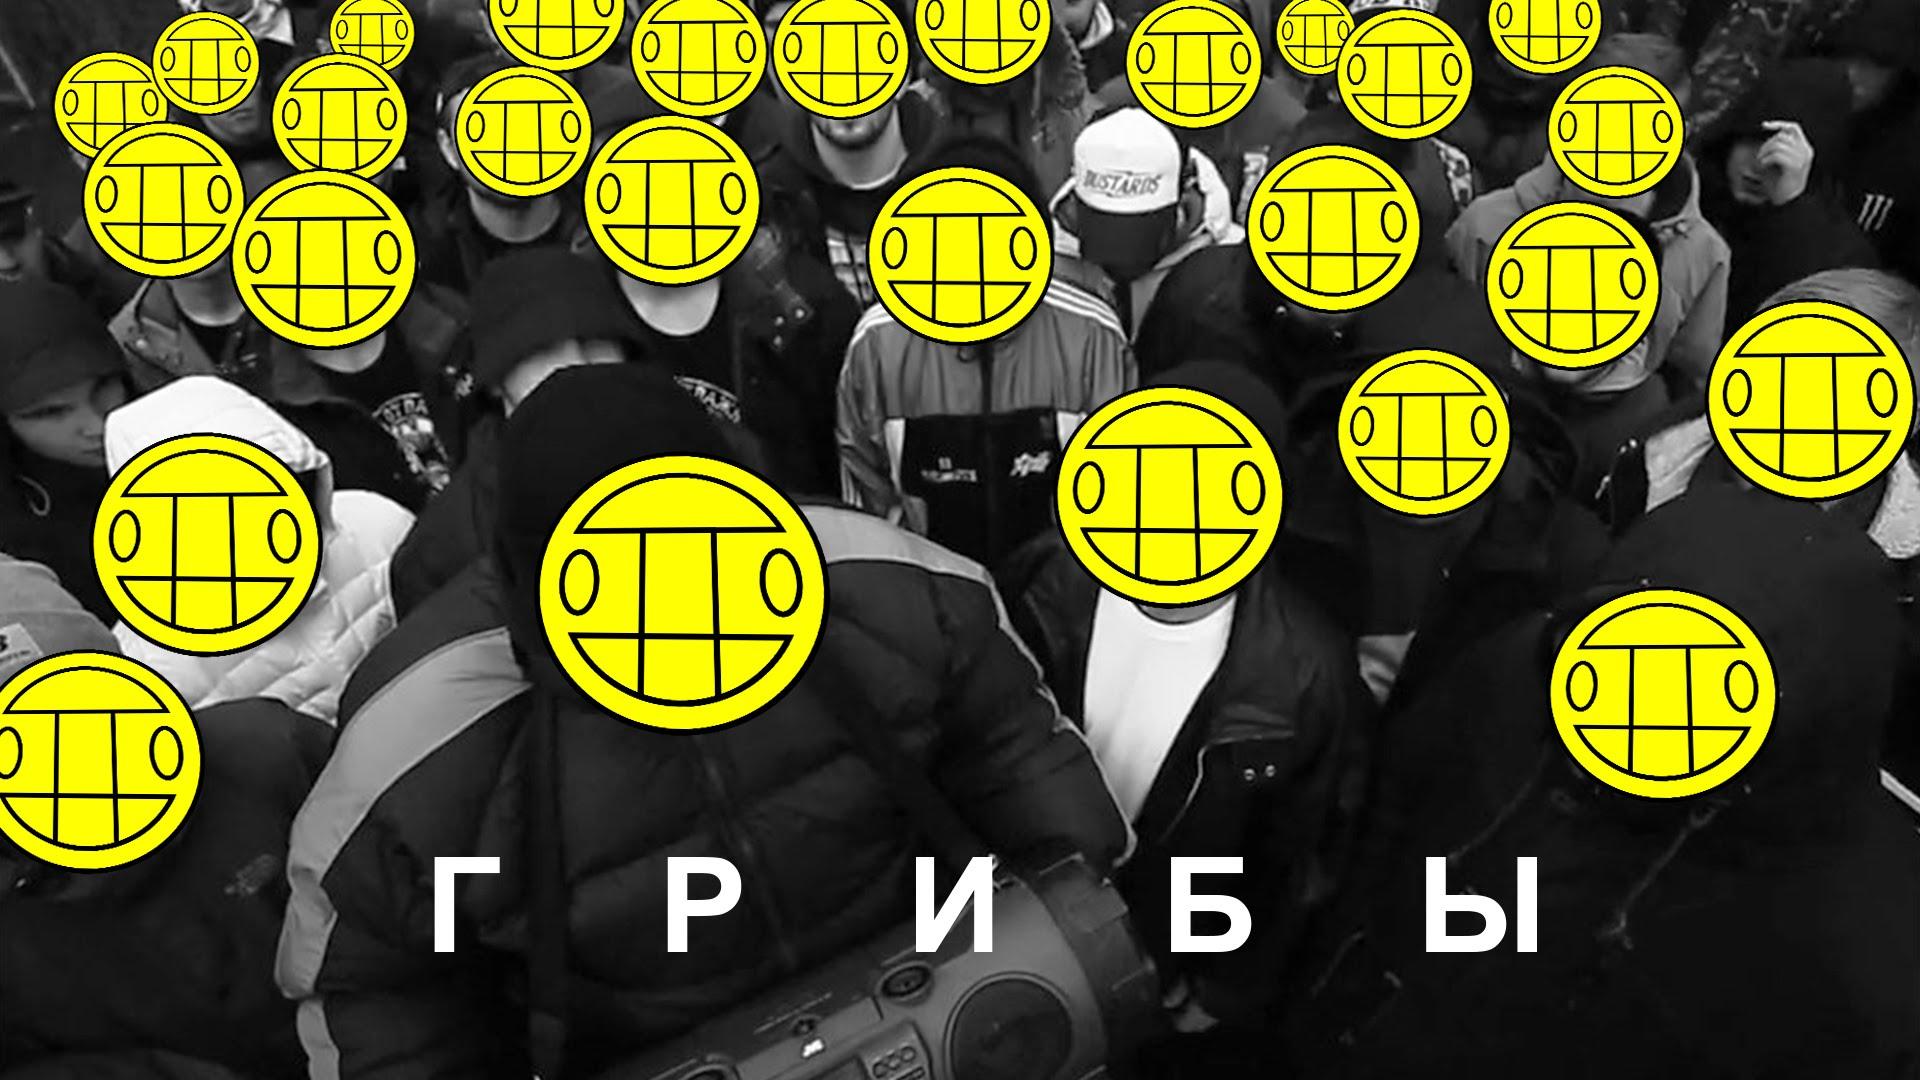 Грибы. Харьков. 7.07.16